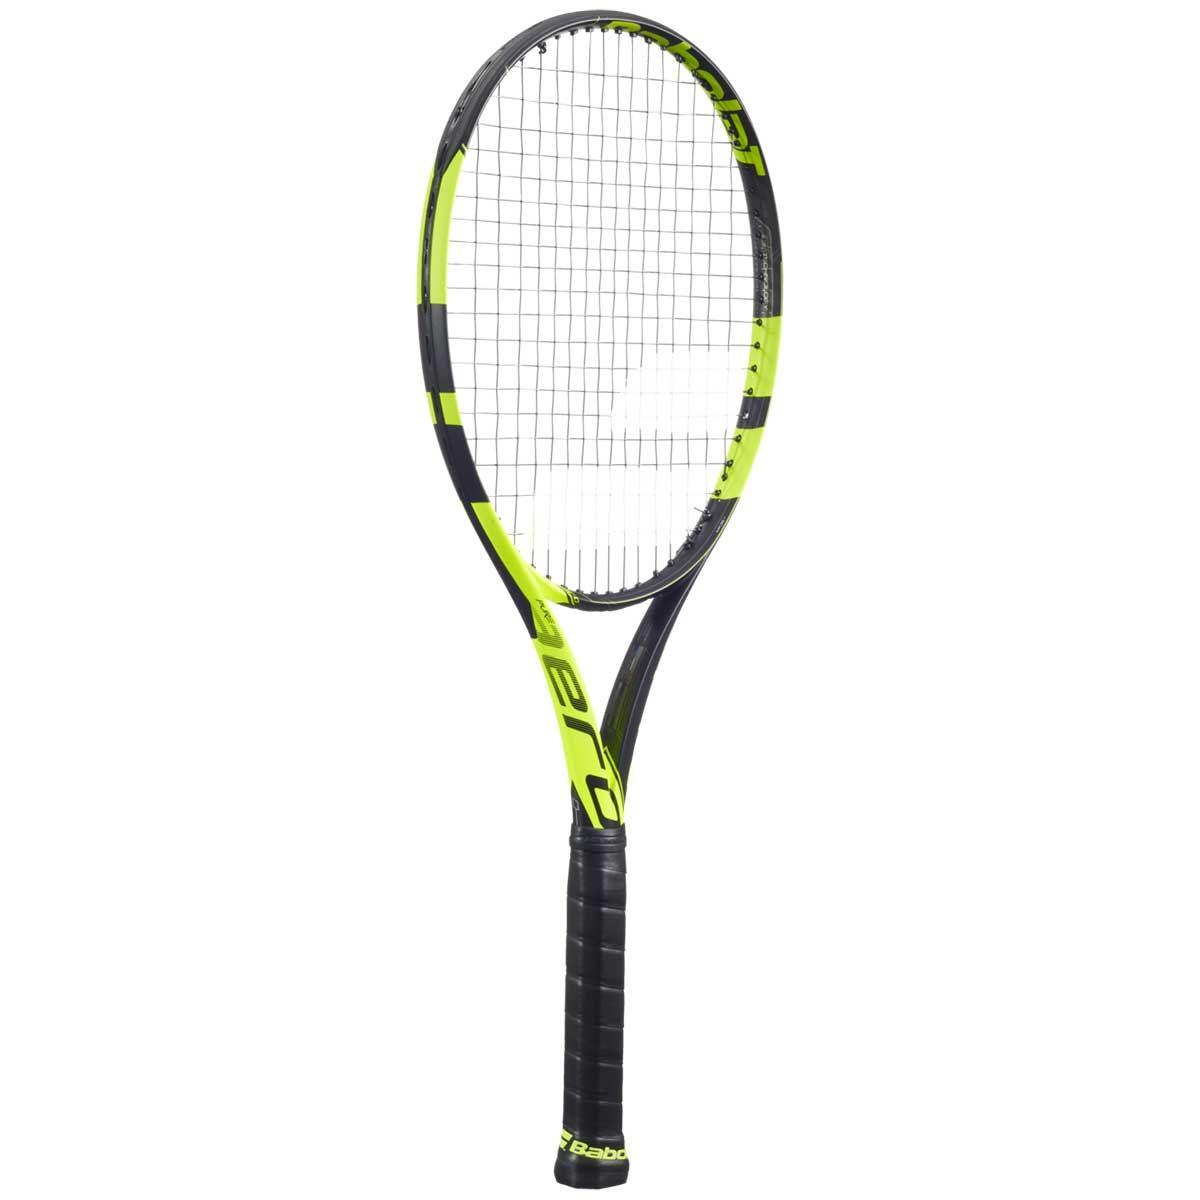 Buy Babolat Pure Aero Tennisracquet Unstrung Online India Order Babolat Pure Aero Tennis Racquet Unstrung With Free Home Racquets Tennis Tennis Racquet